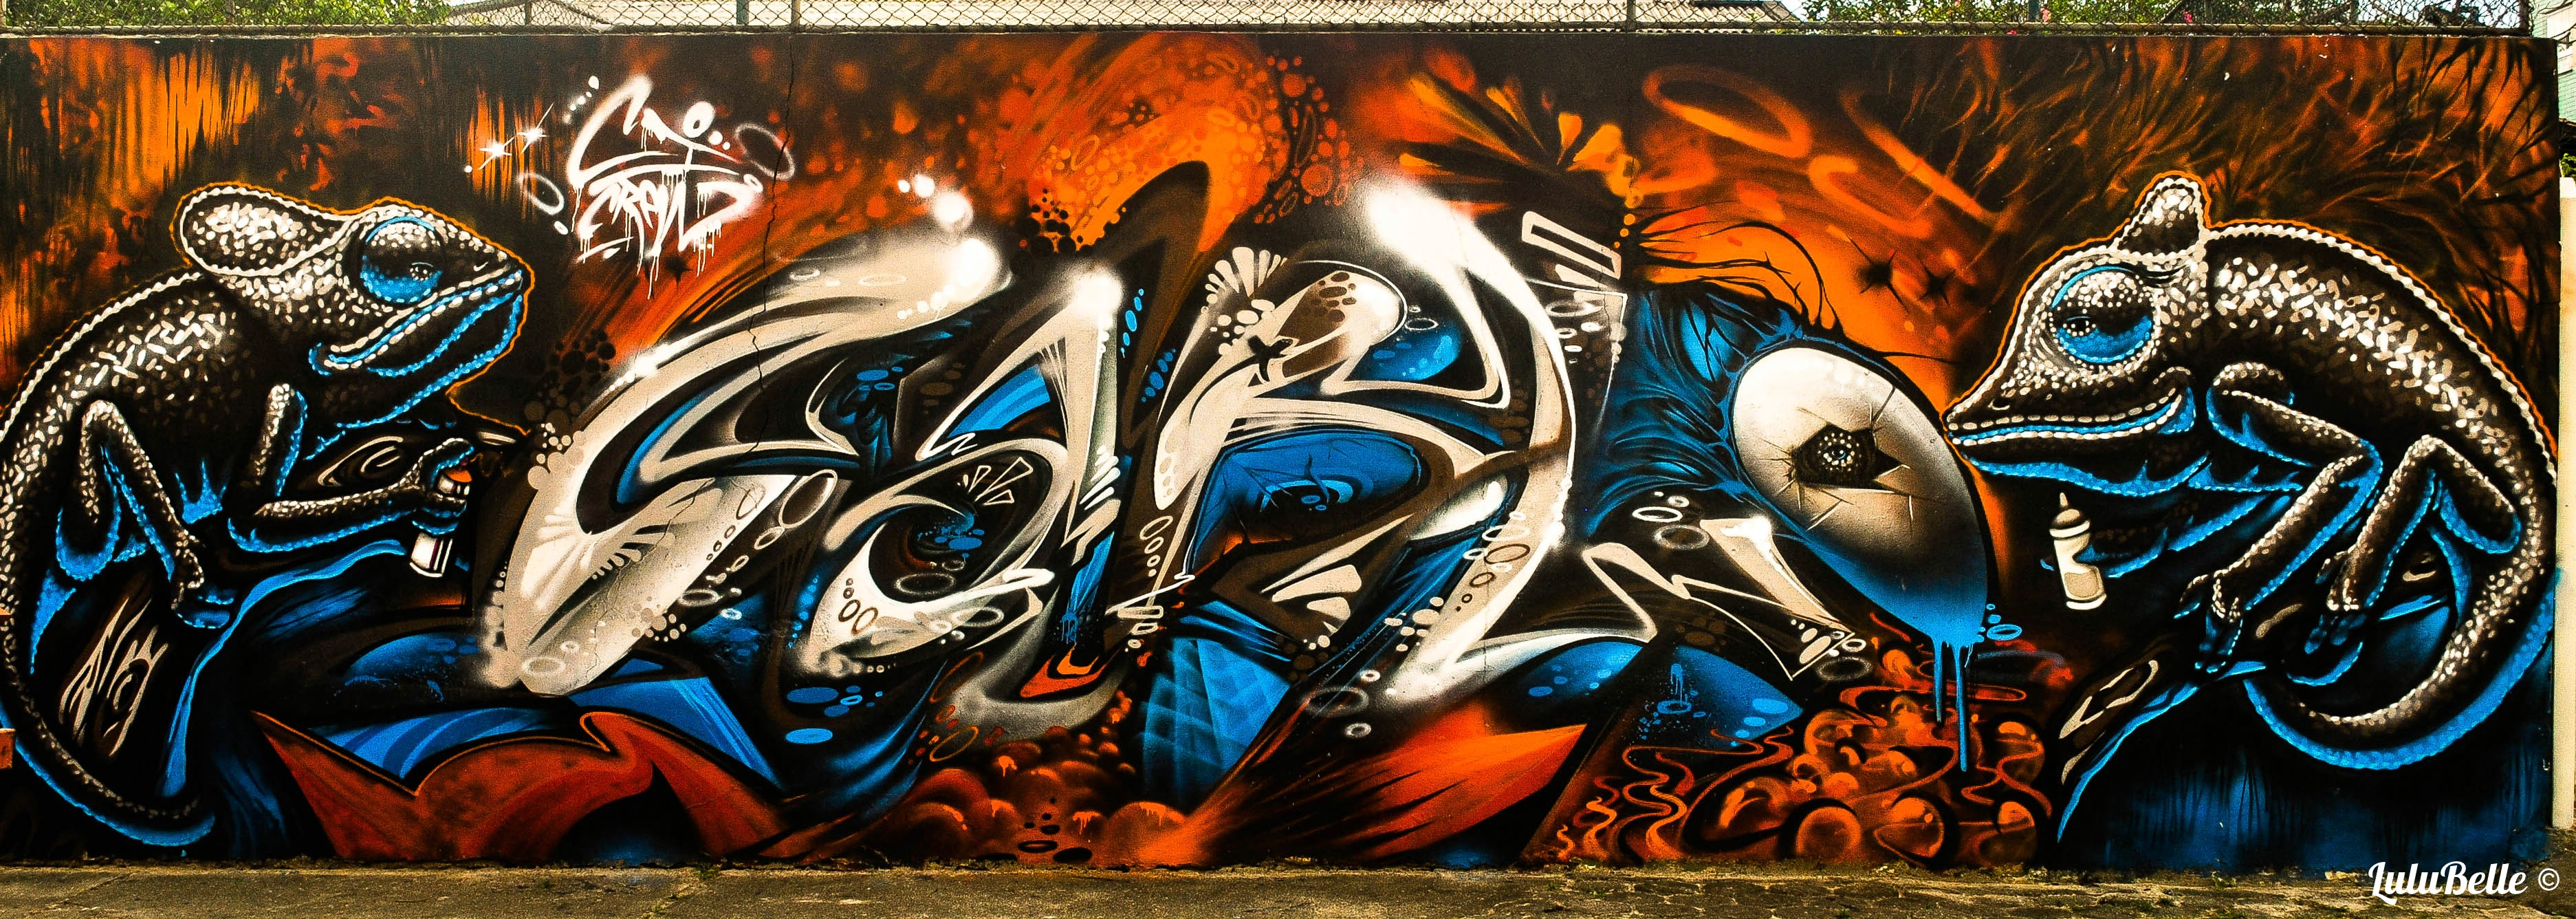 Street art, A2A Expedition